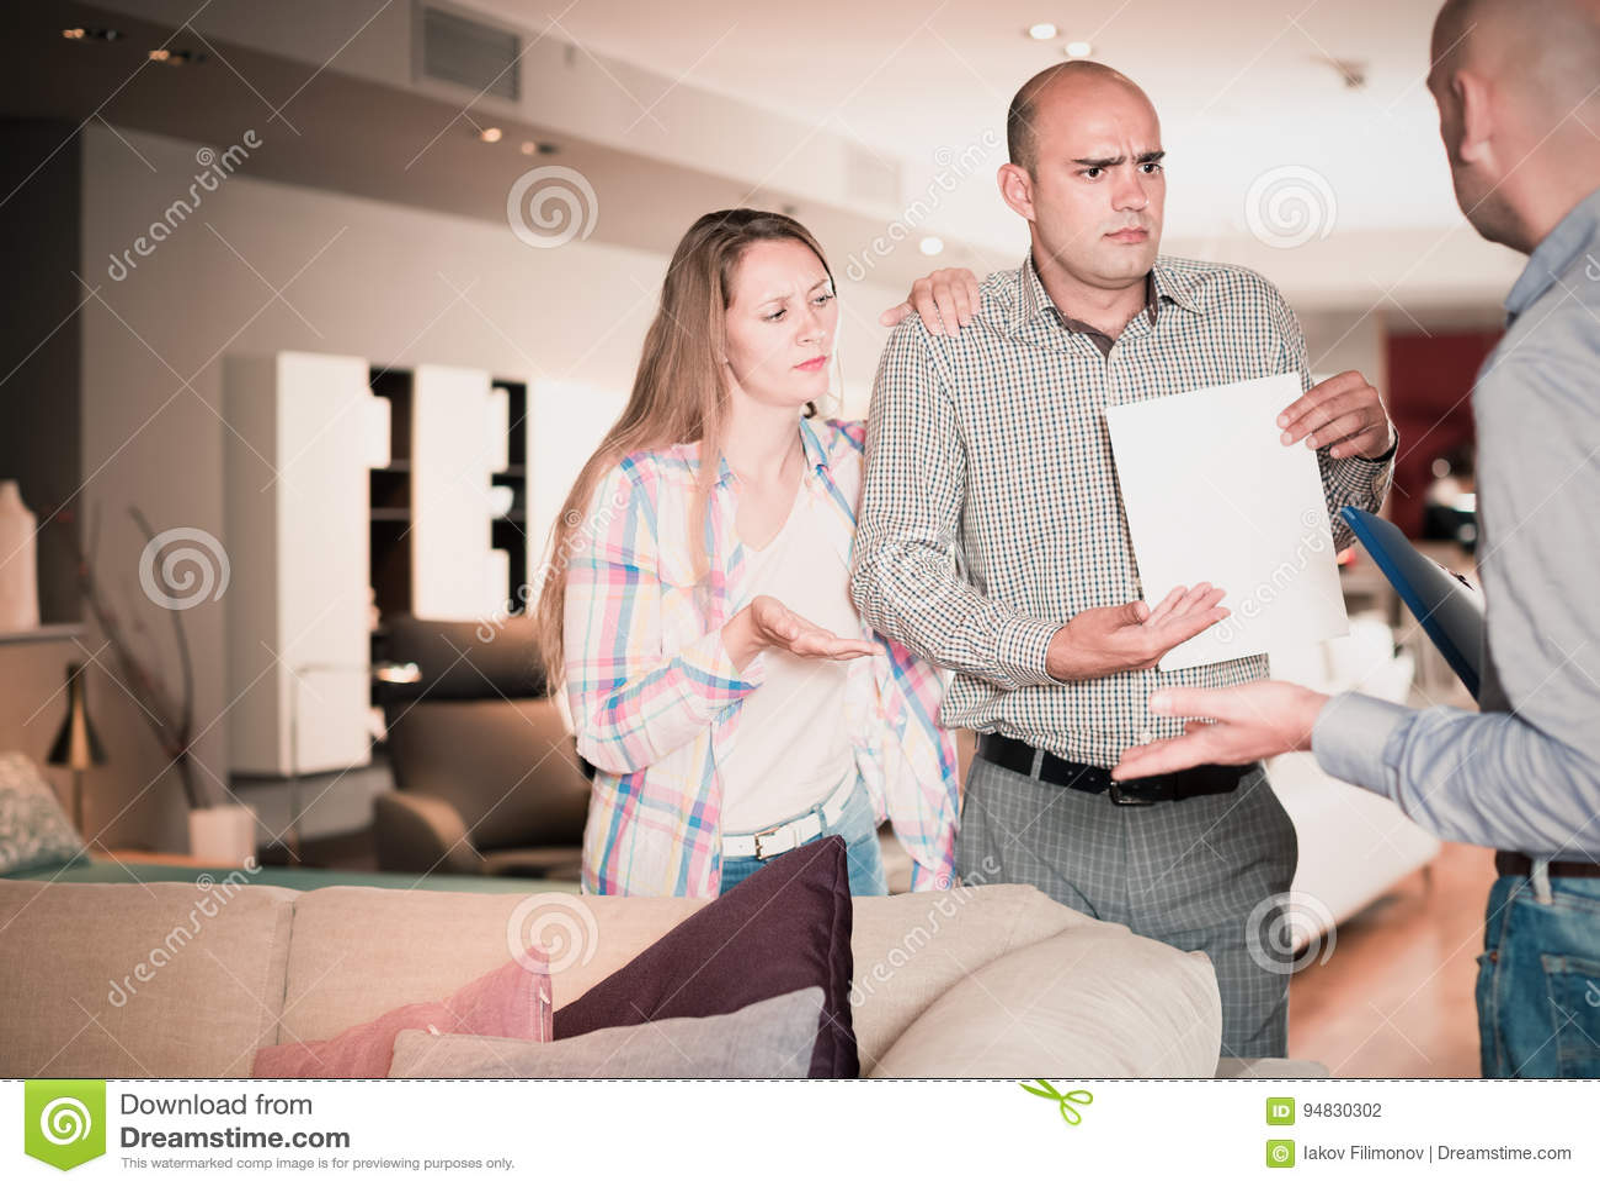 Дружелюбные пары семьи неудовлетворенные с обслуживанием